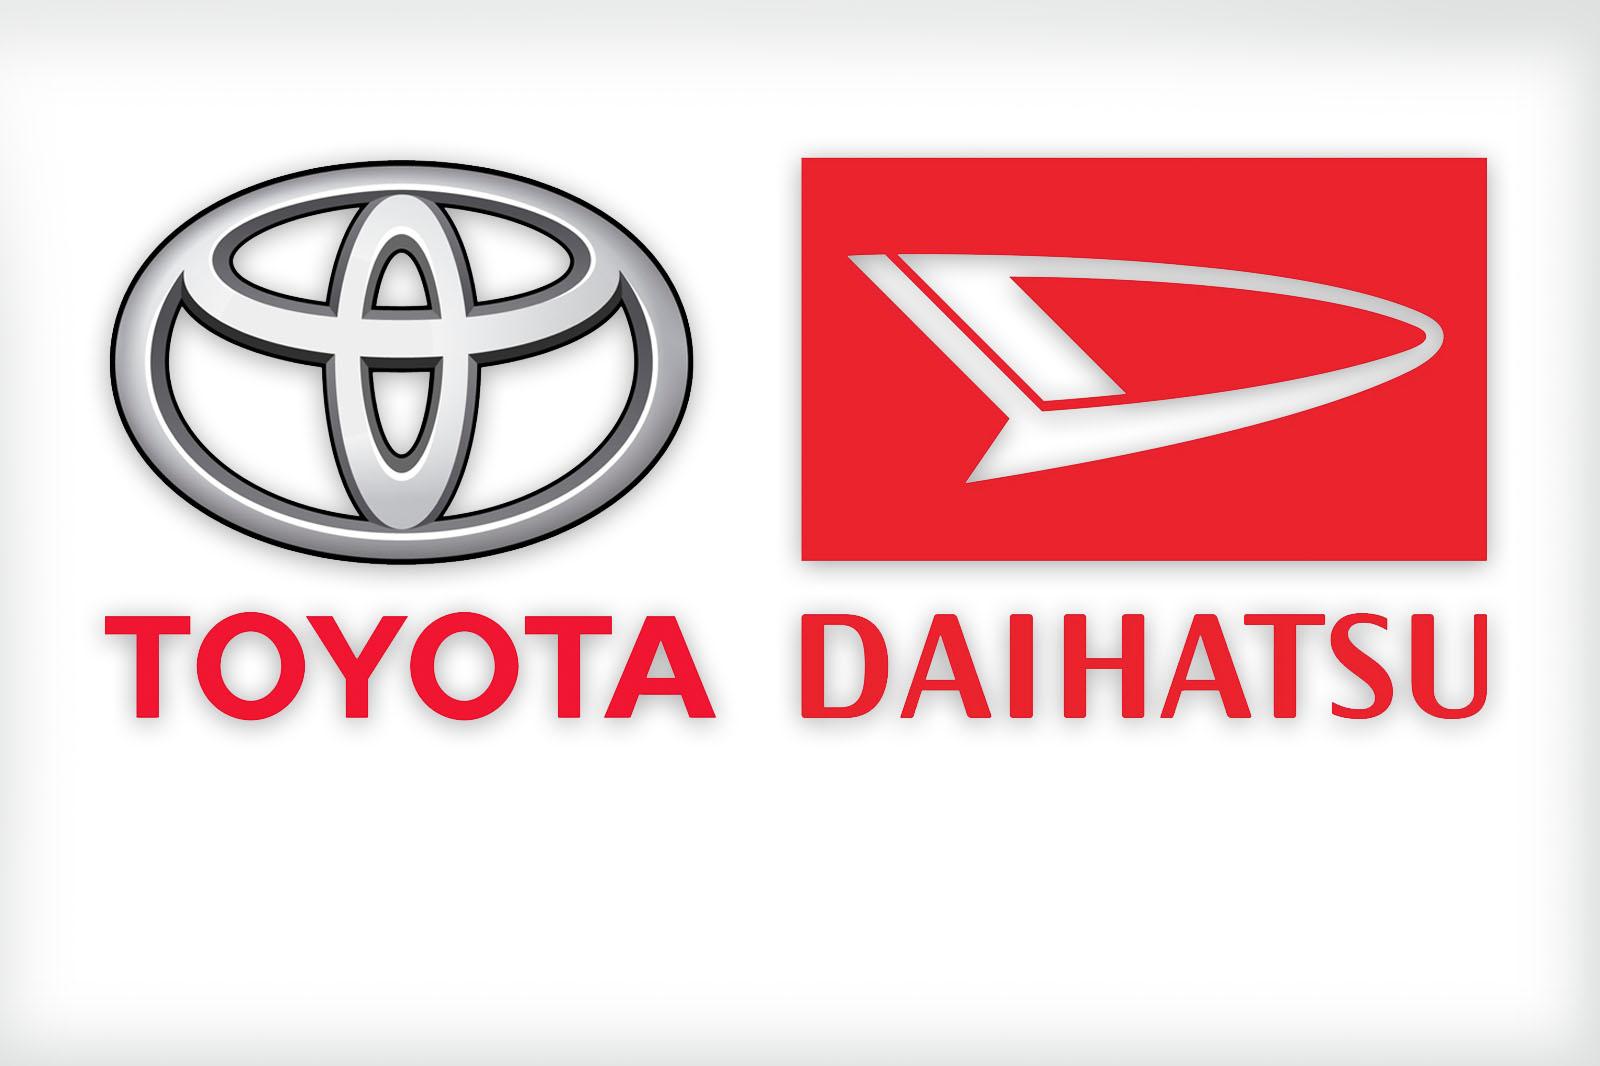 Kelebihan Kekurangan Daihatsu Toyota Harga